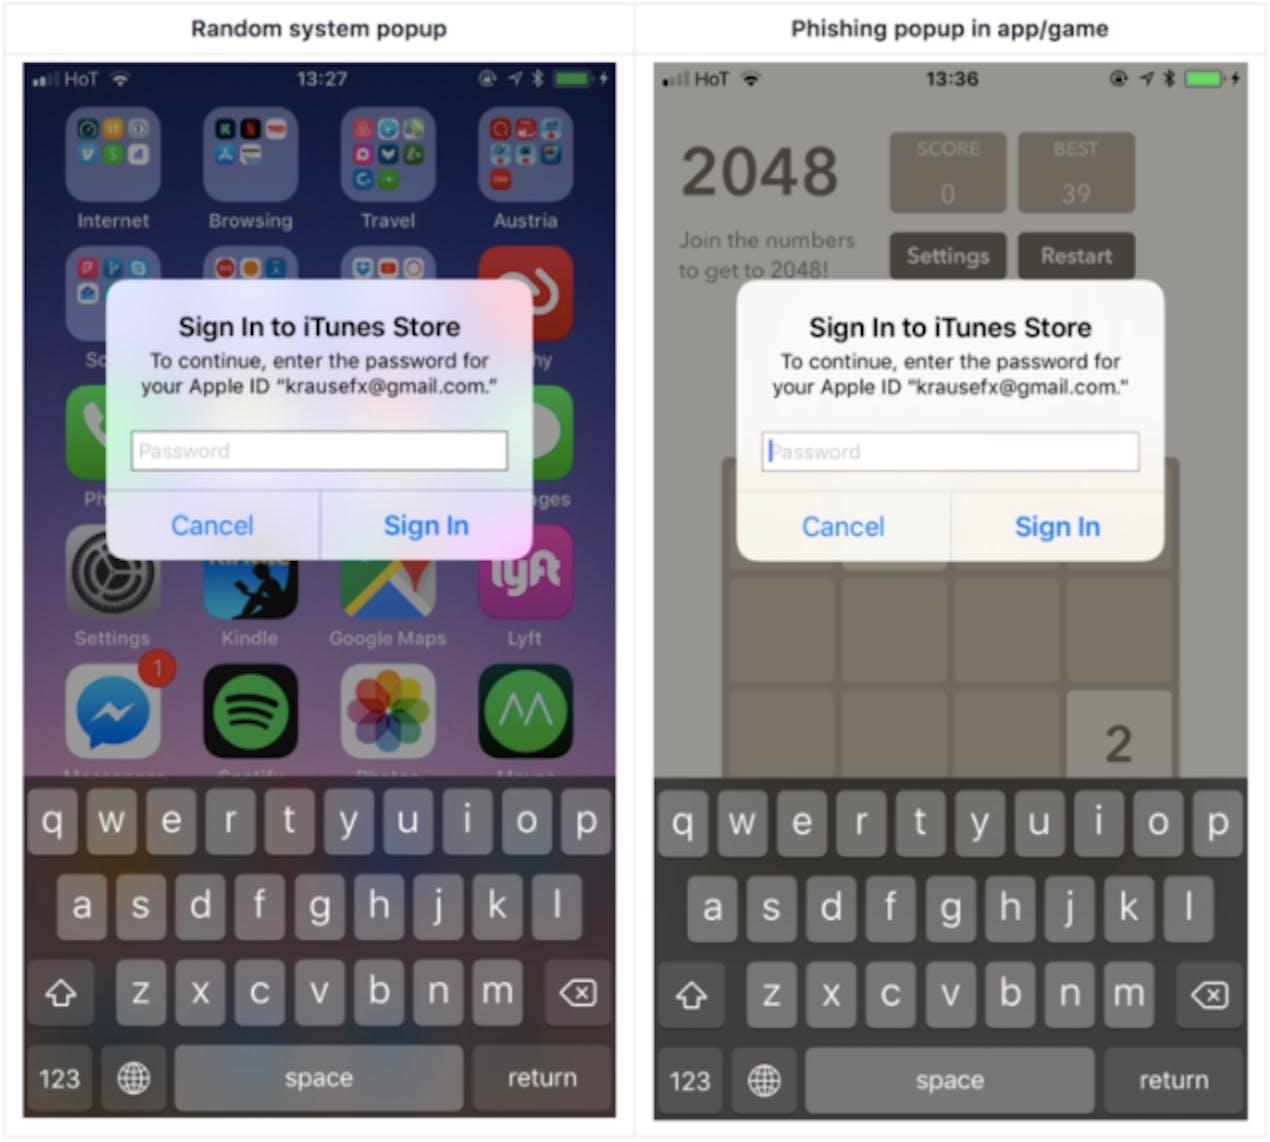 iphone-phishing